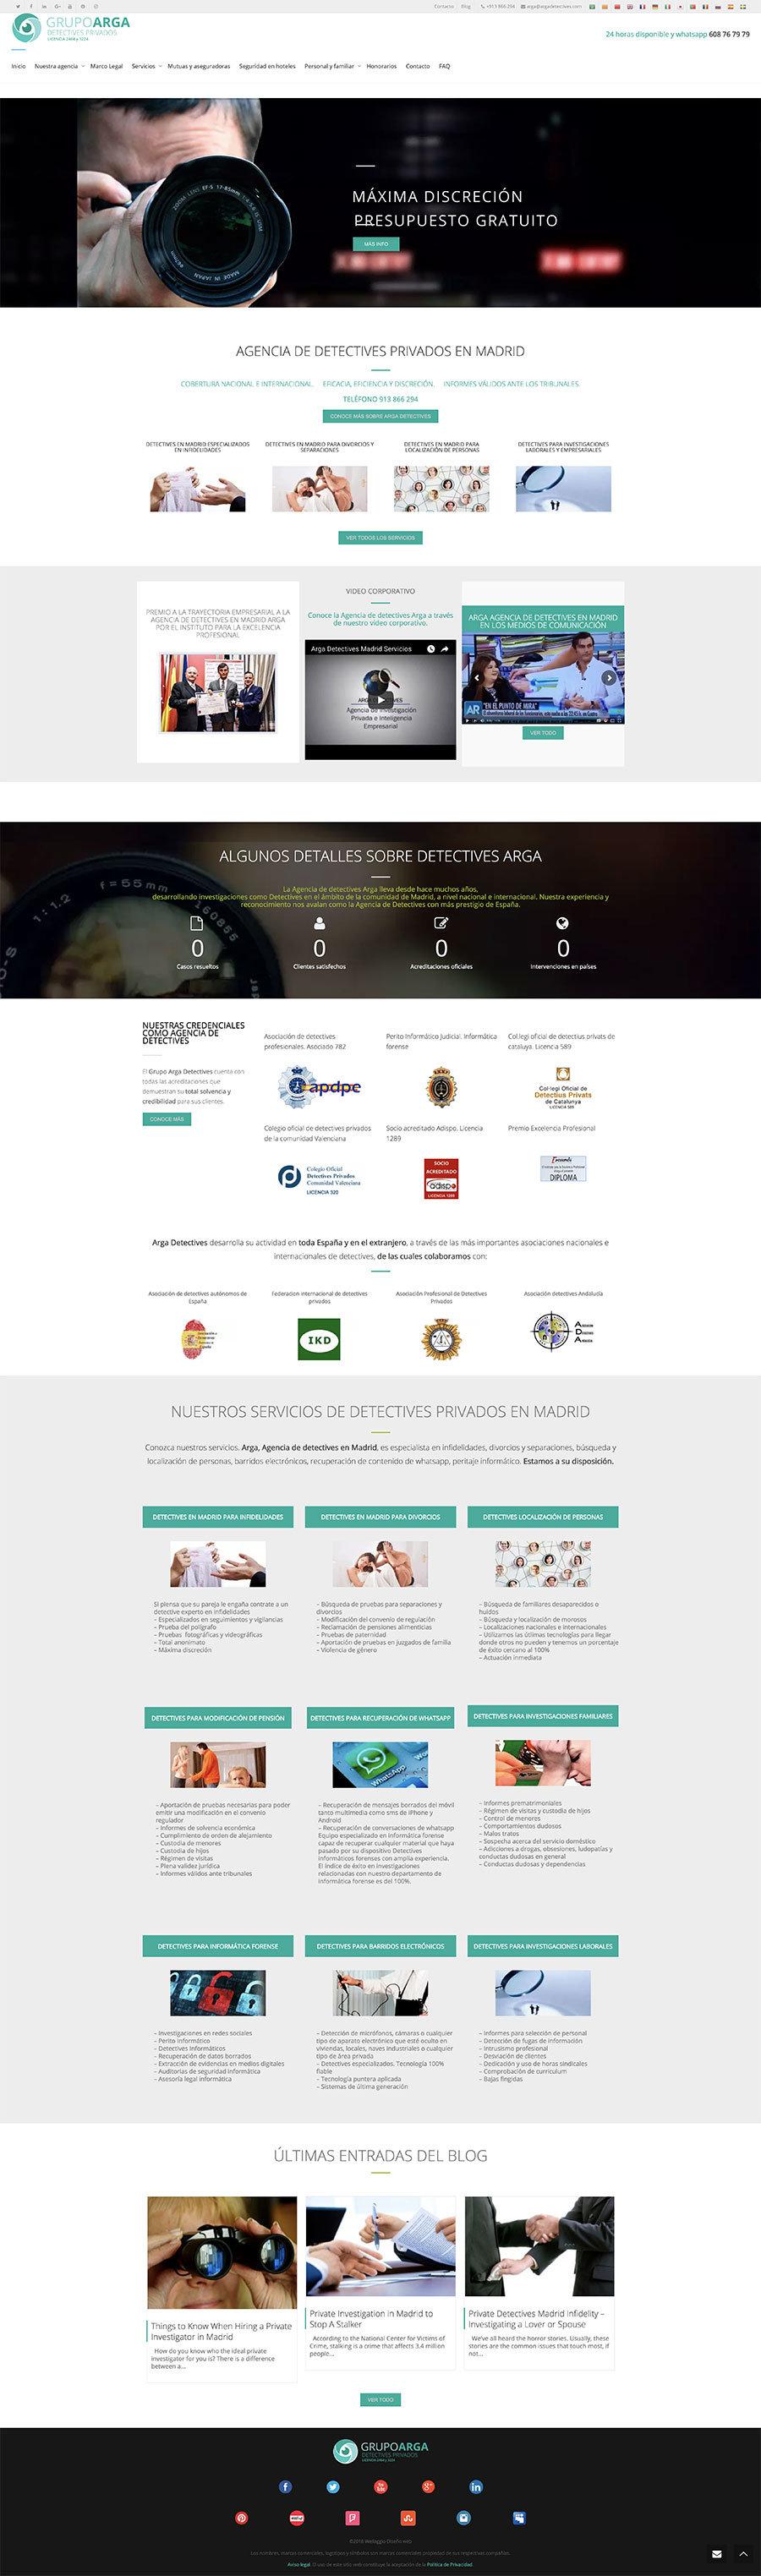 Wellaggio-diseño-web-valencia-argadetectives-2018-08-16-16_44_53